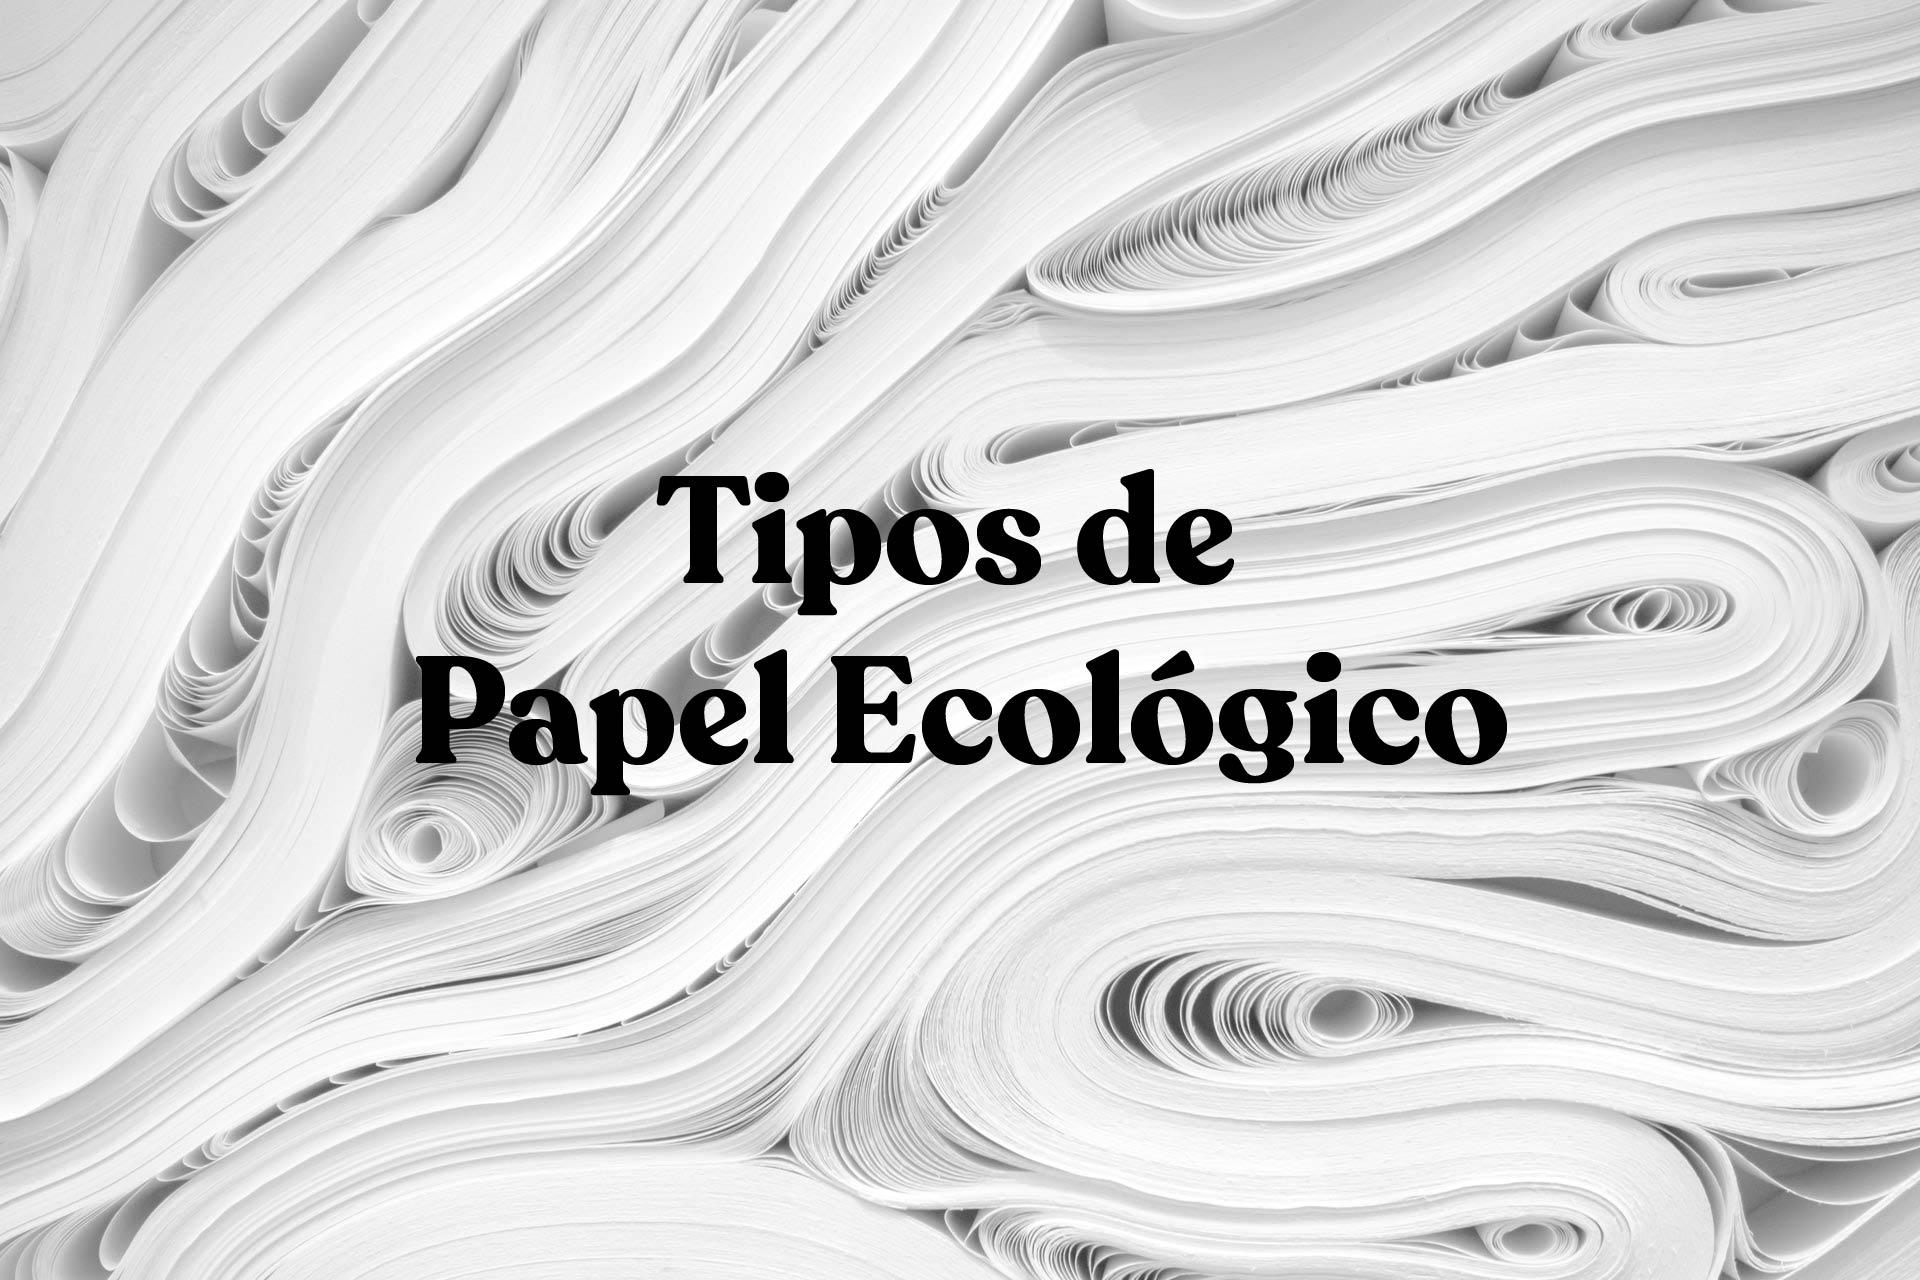 Tipos de papel ecologico para imprimir. ¿Cuál es el más sostenible?